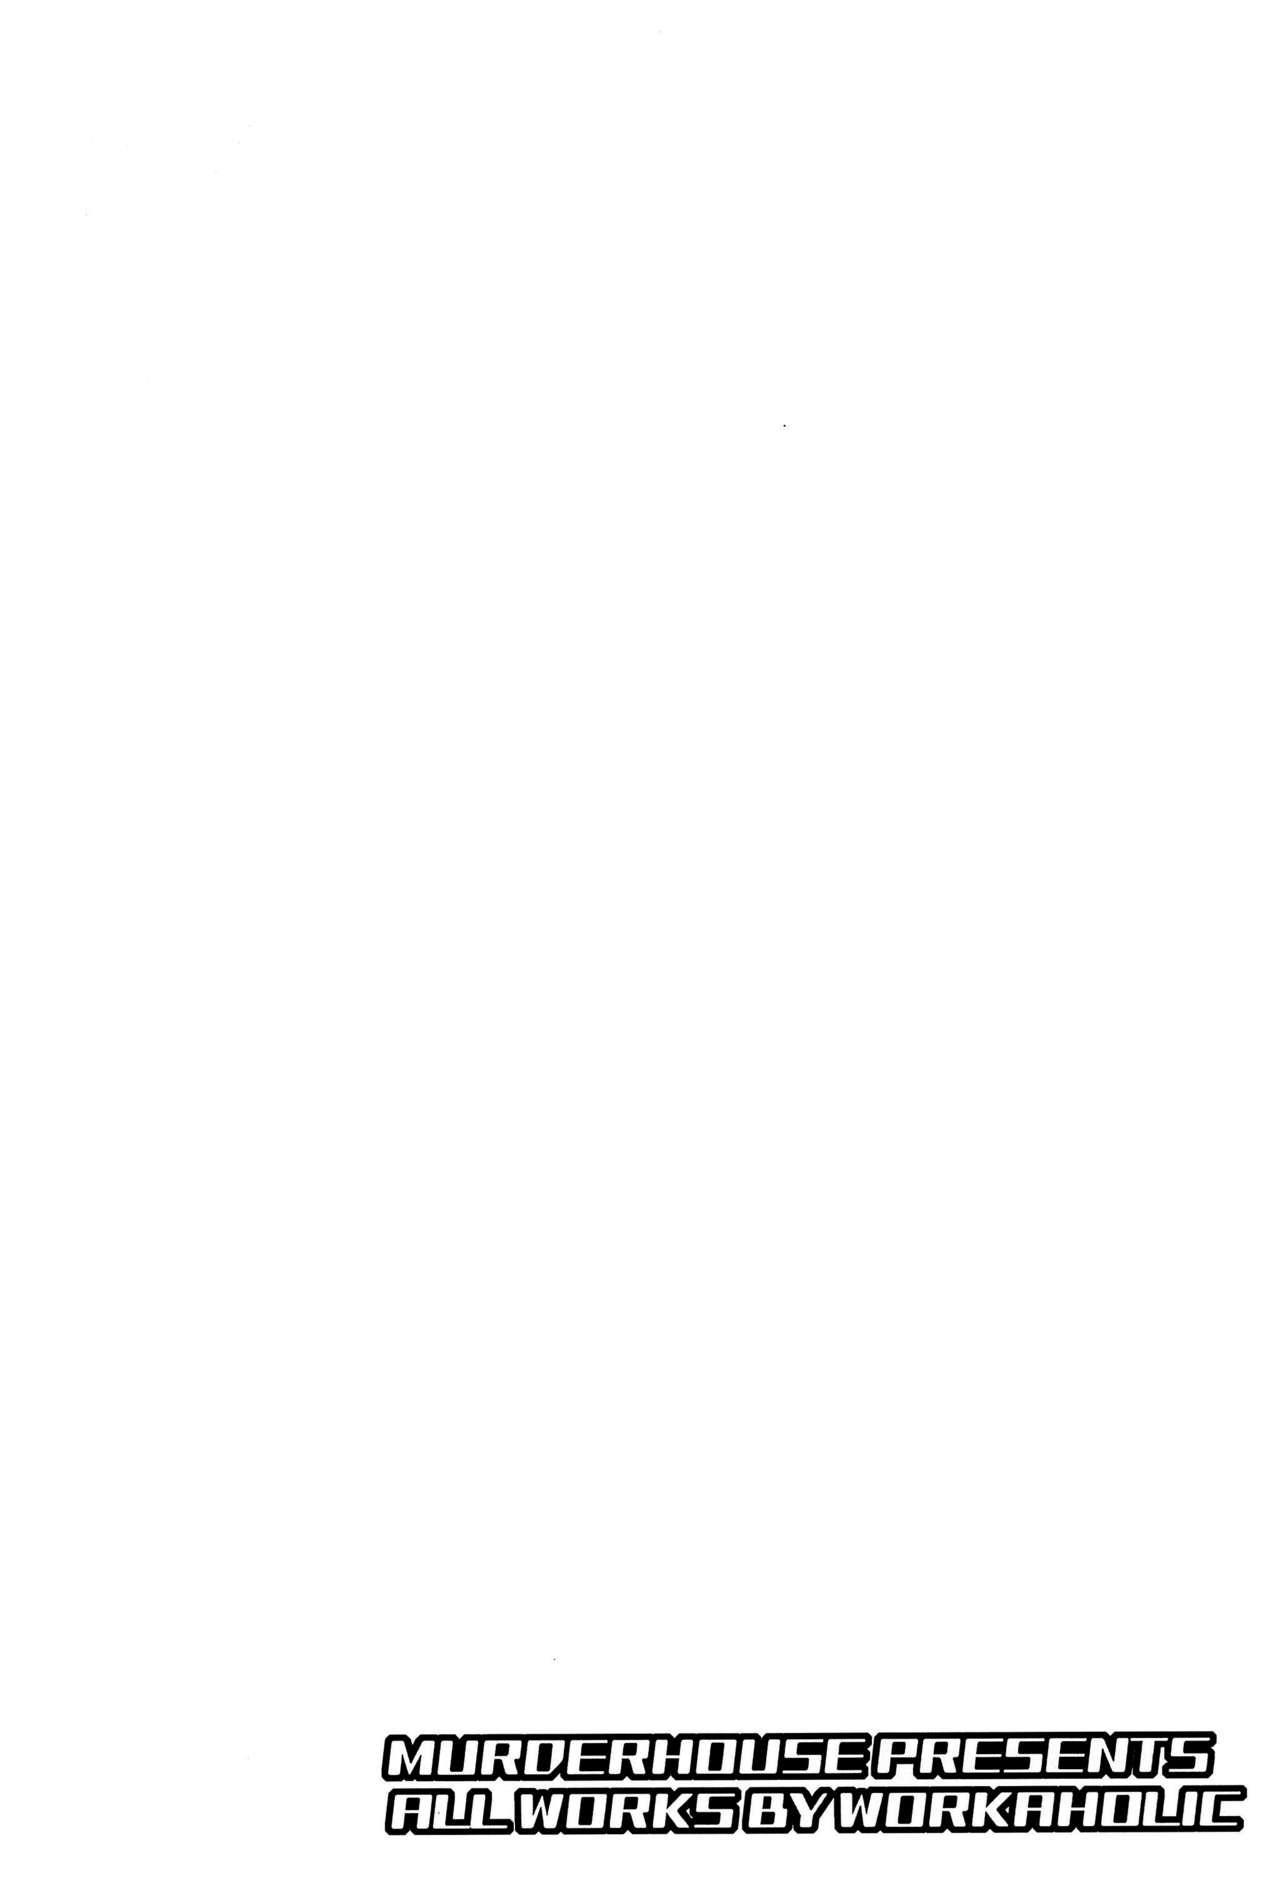 (C90) [MURDERHOUSE (Workaholic)] Oshiete! Syaoran-kun | Teach Me! Syaoran-kun (Cardcaptor Sakura) [English] {Hennojin} 2